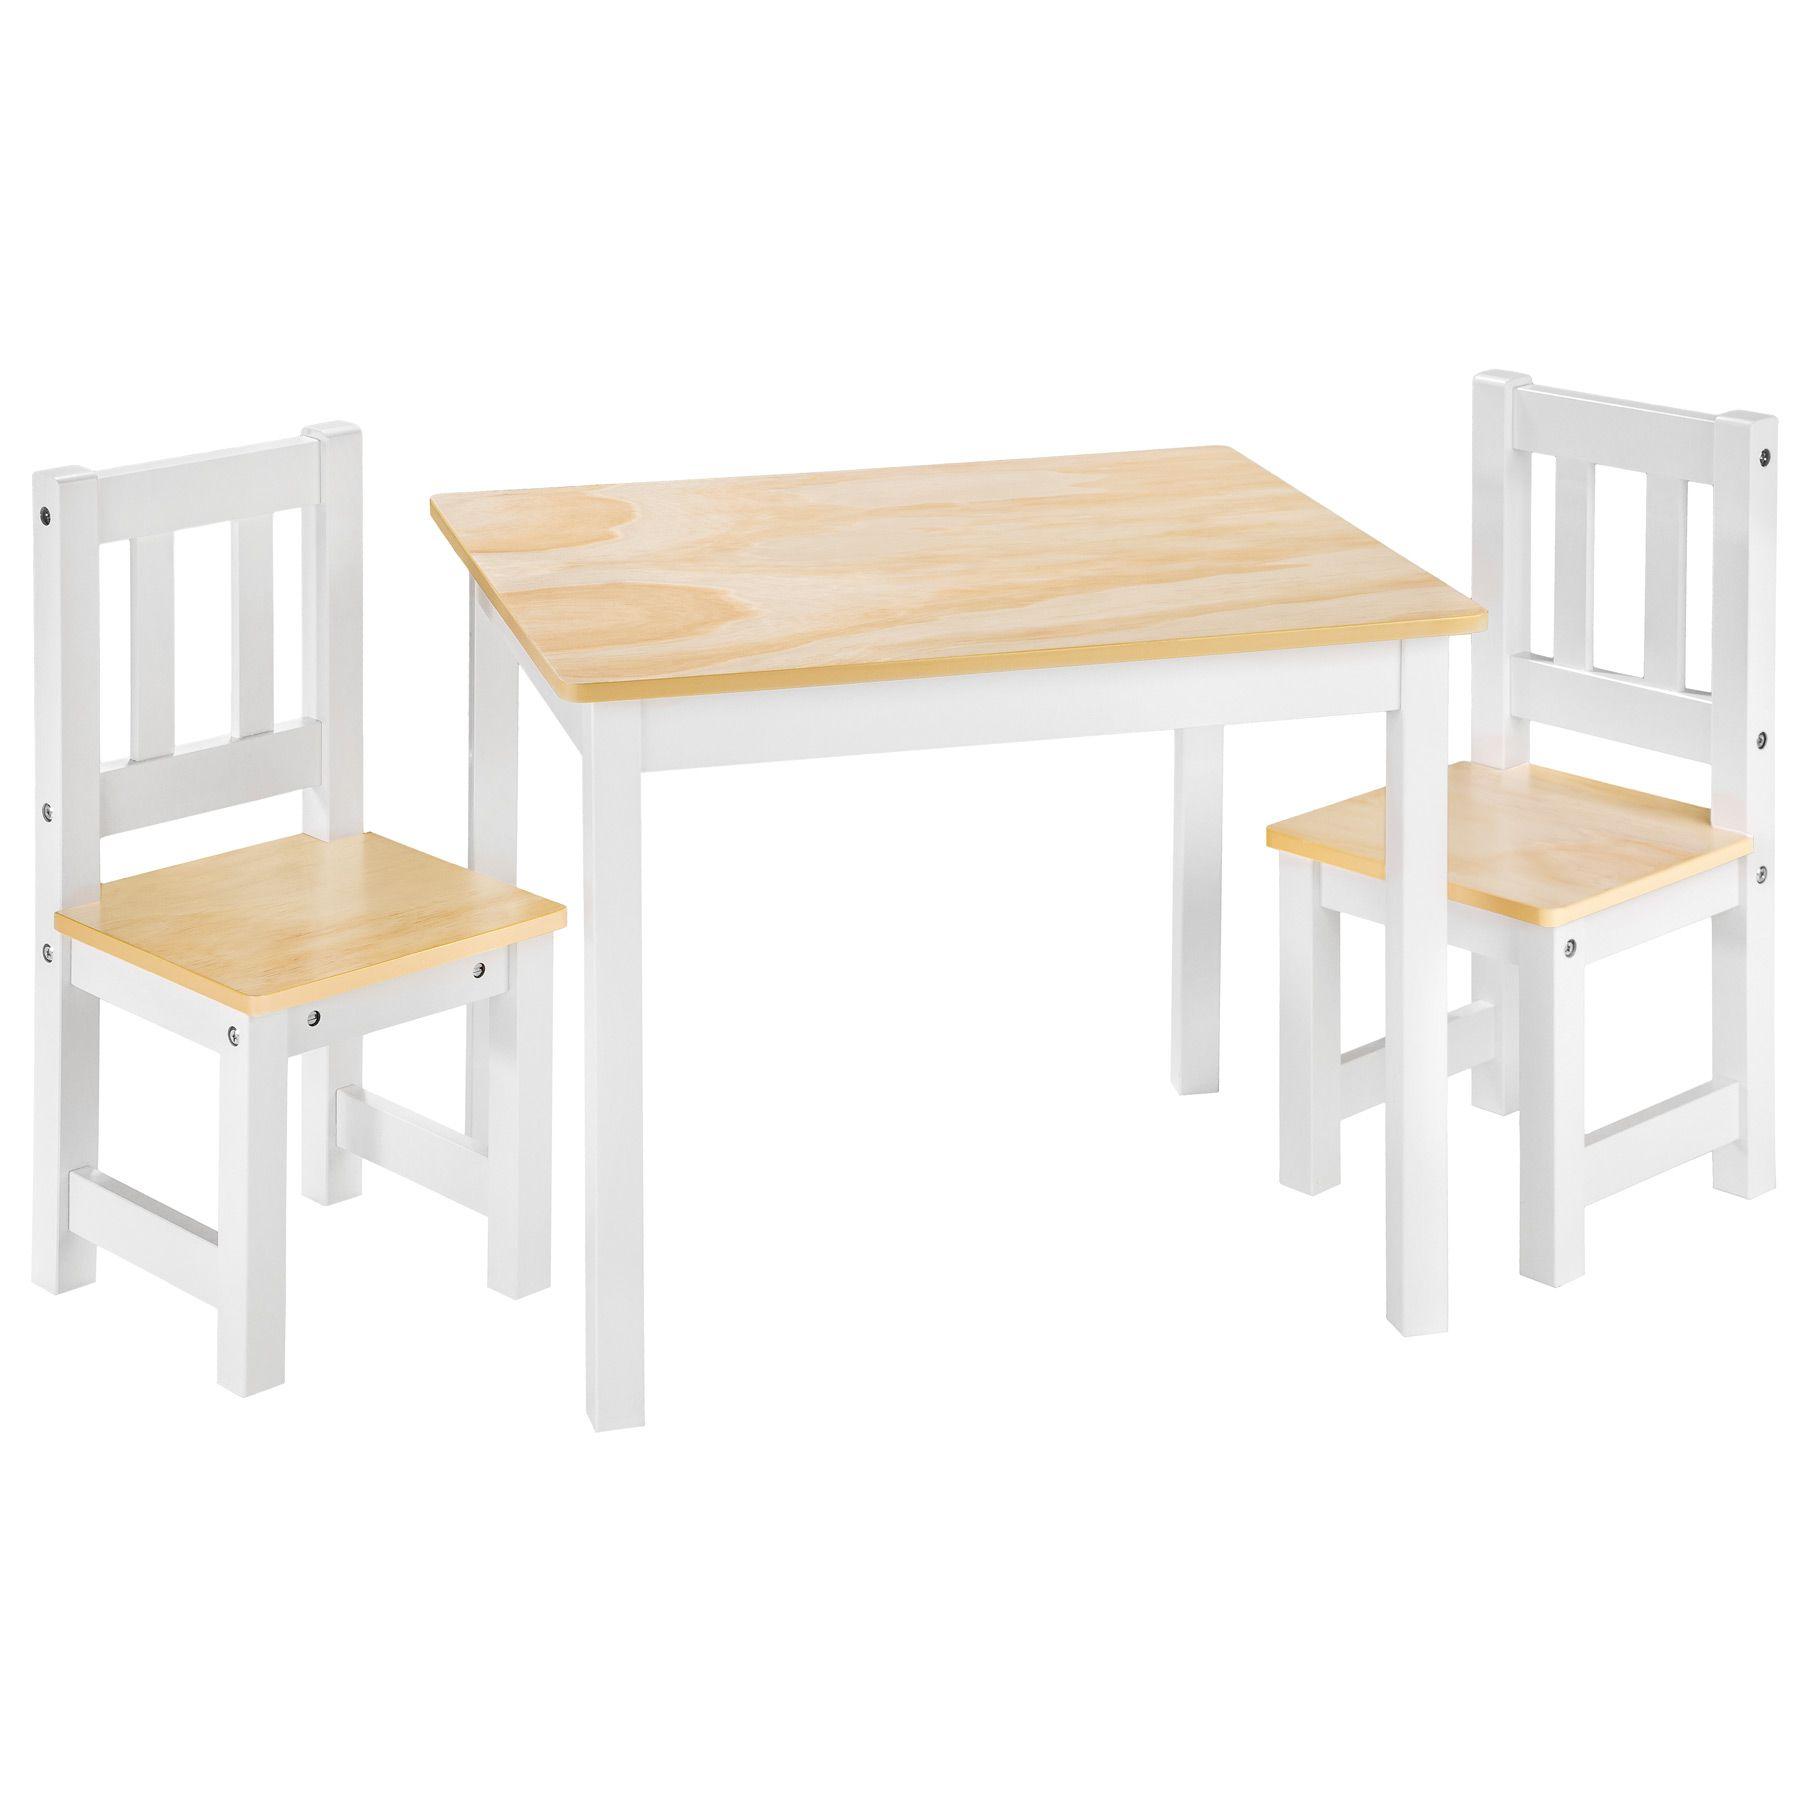 Pin Von Tectake Auf Chambre Enfant Kinder Tisch Und Stuhle Holztisch Weiss Kindersitzgruppe